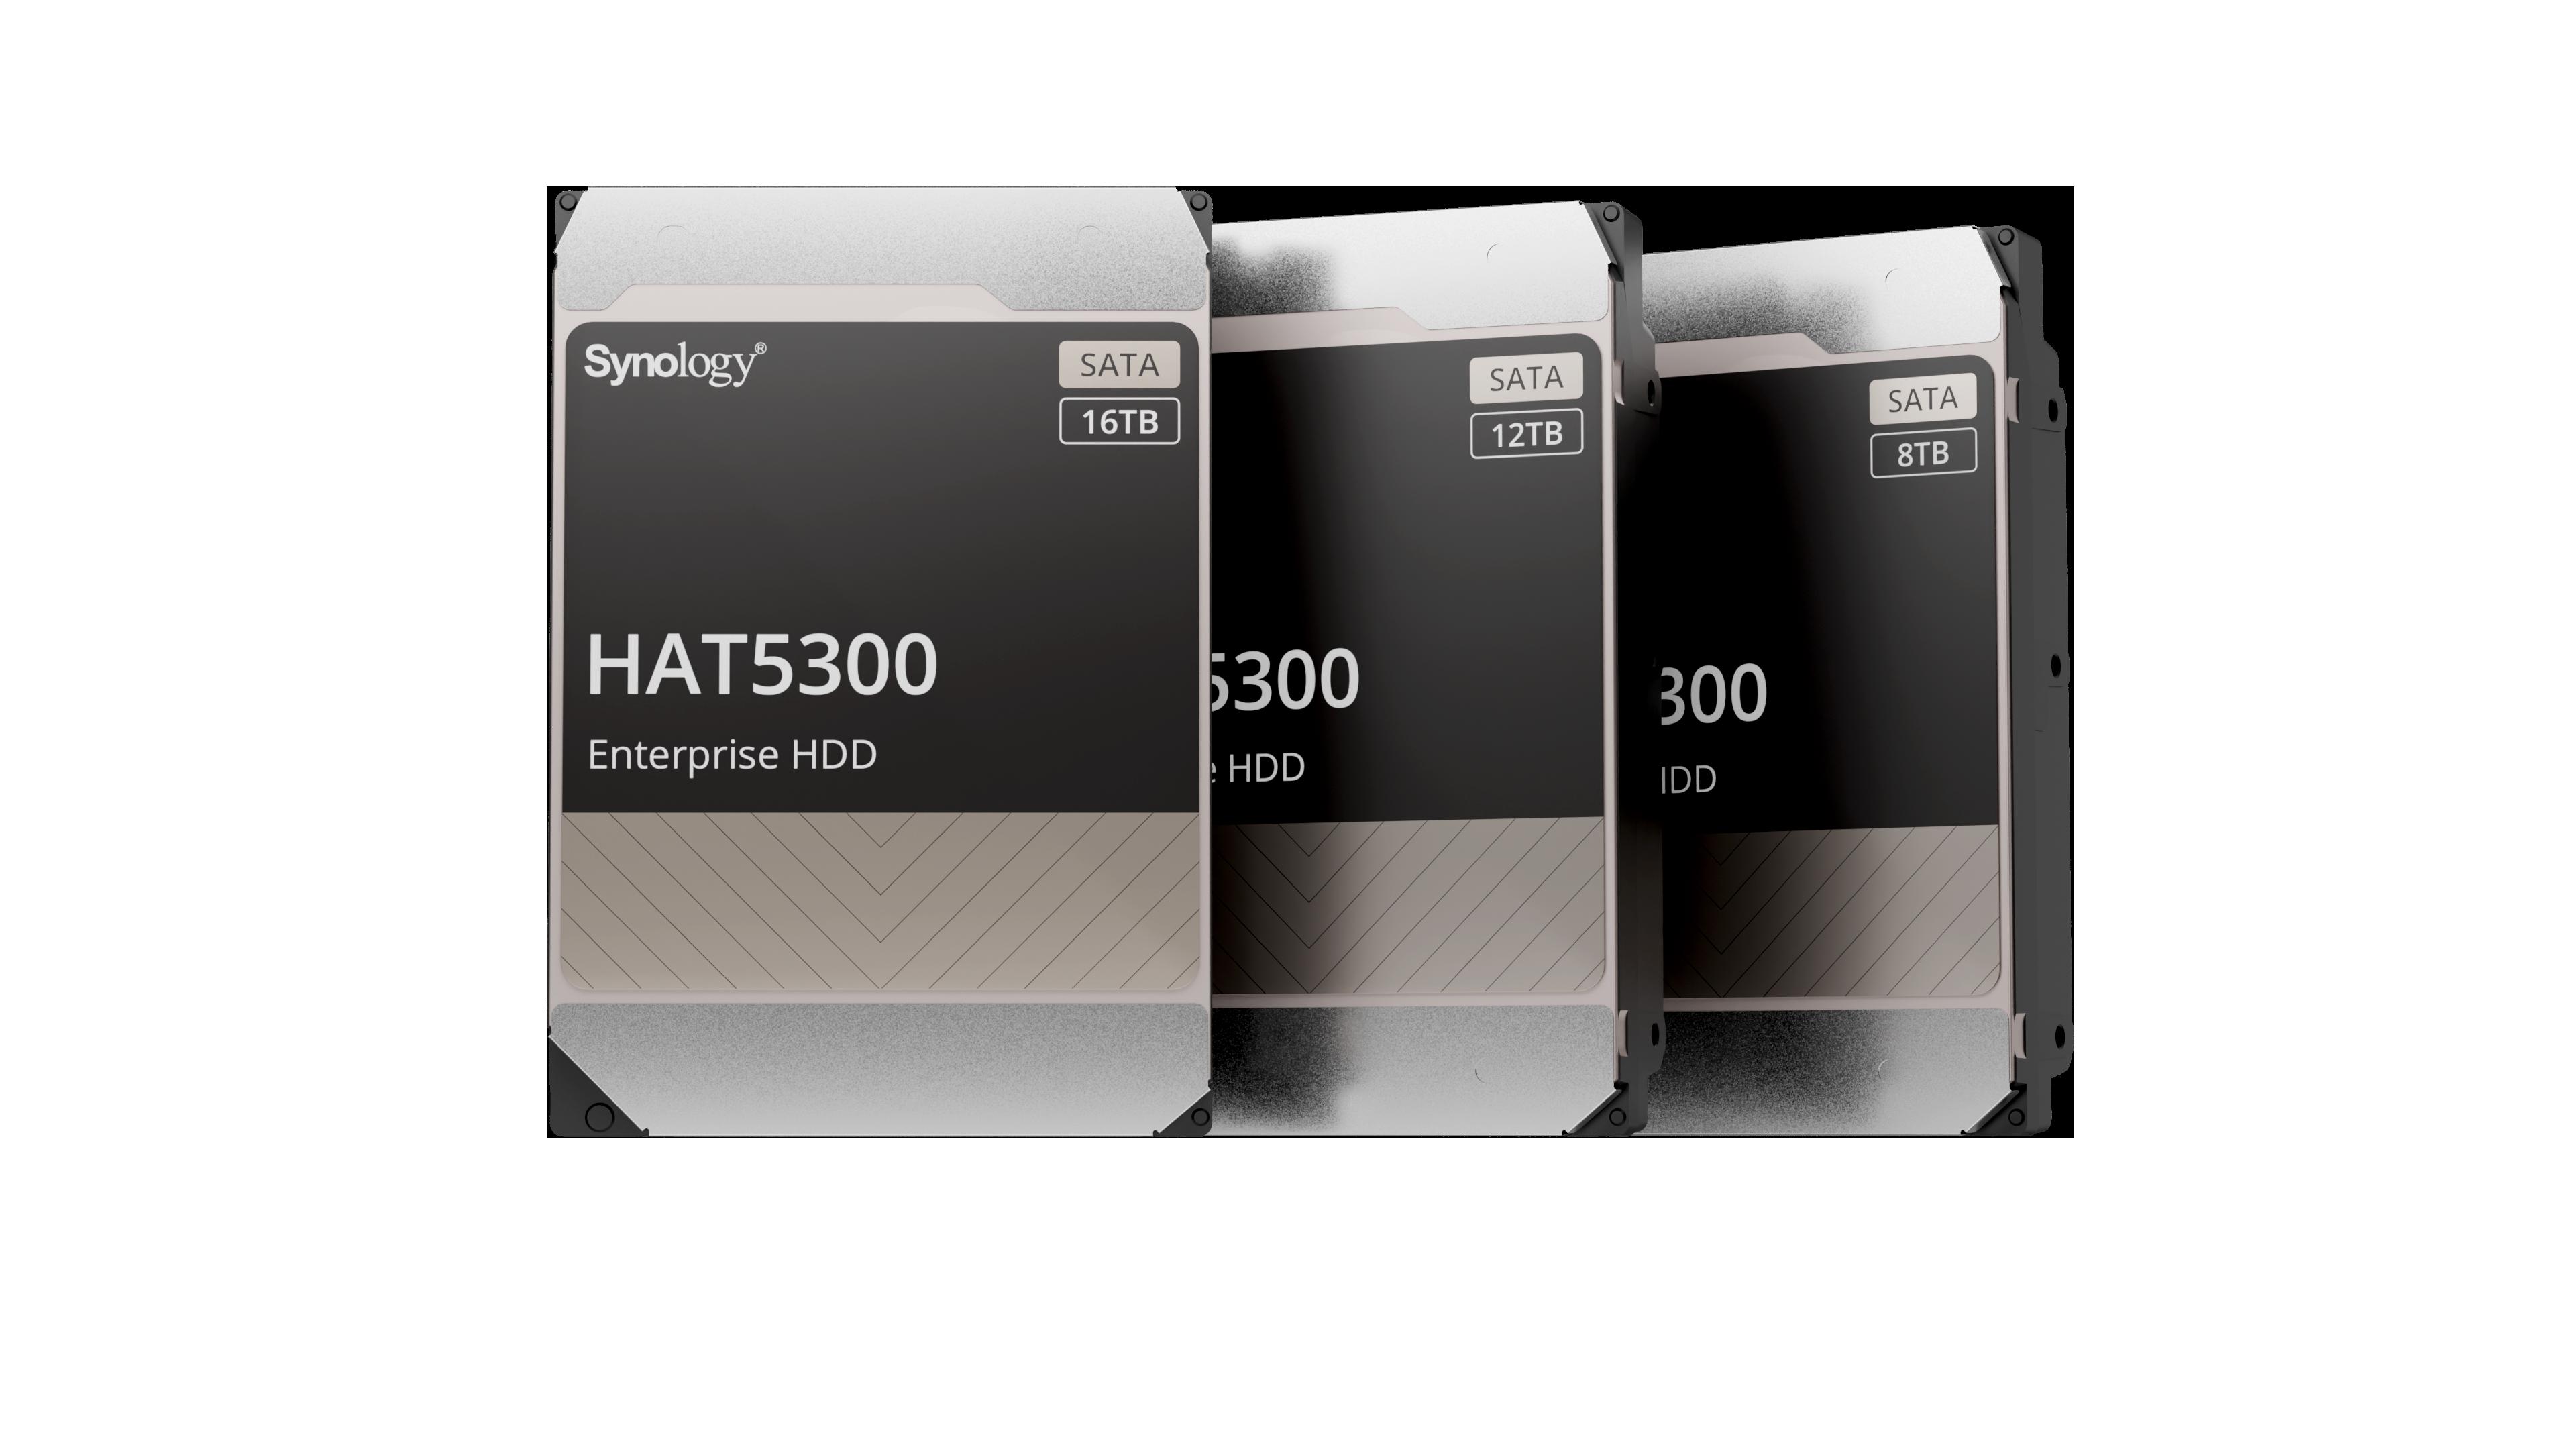 Synology intră pe piața de HDD-uri cu Synology HAT5300